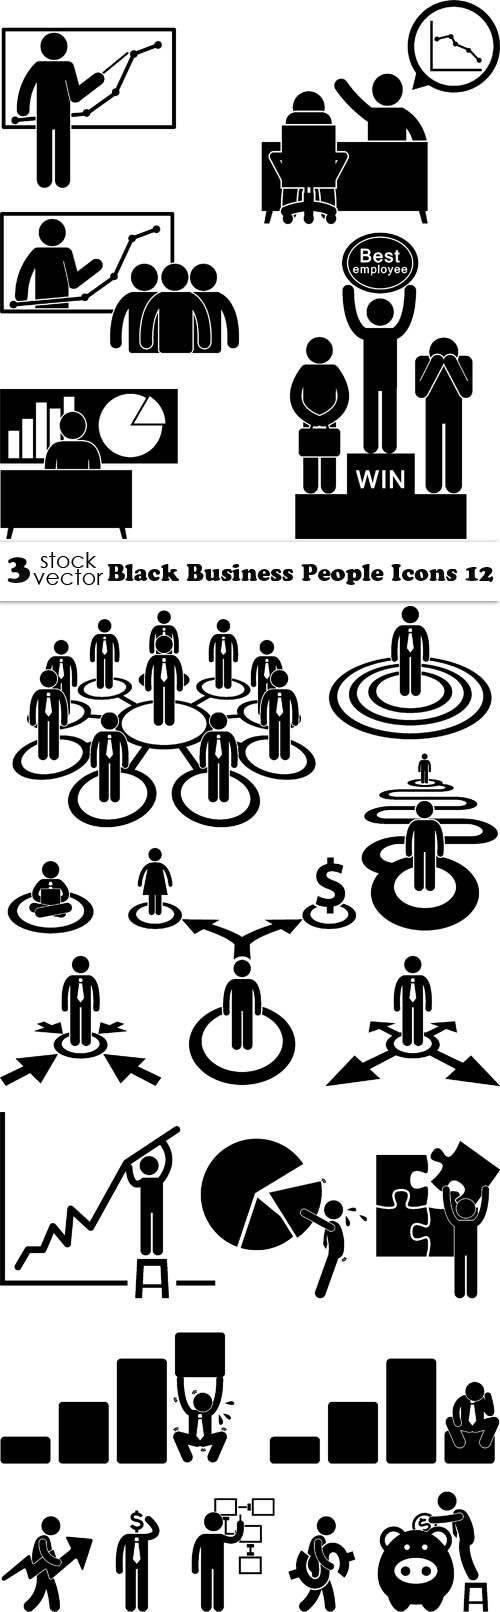 Векторы – черный, бизнес, люди, иконки 12